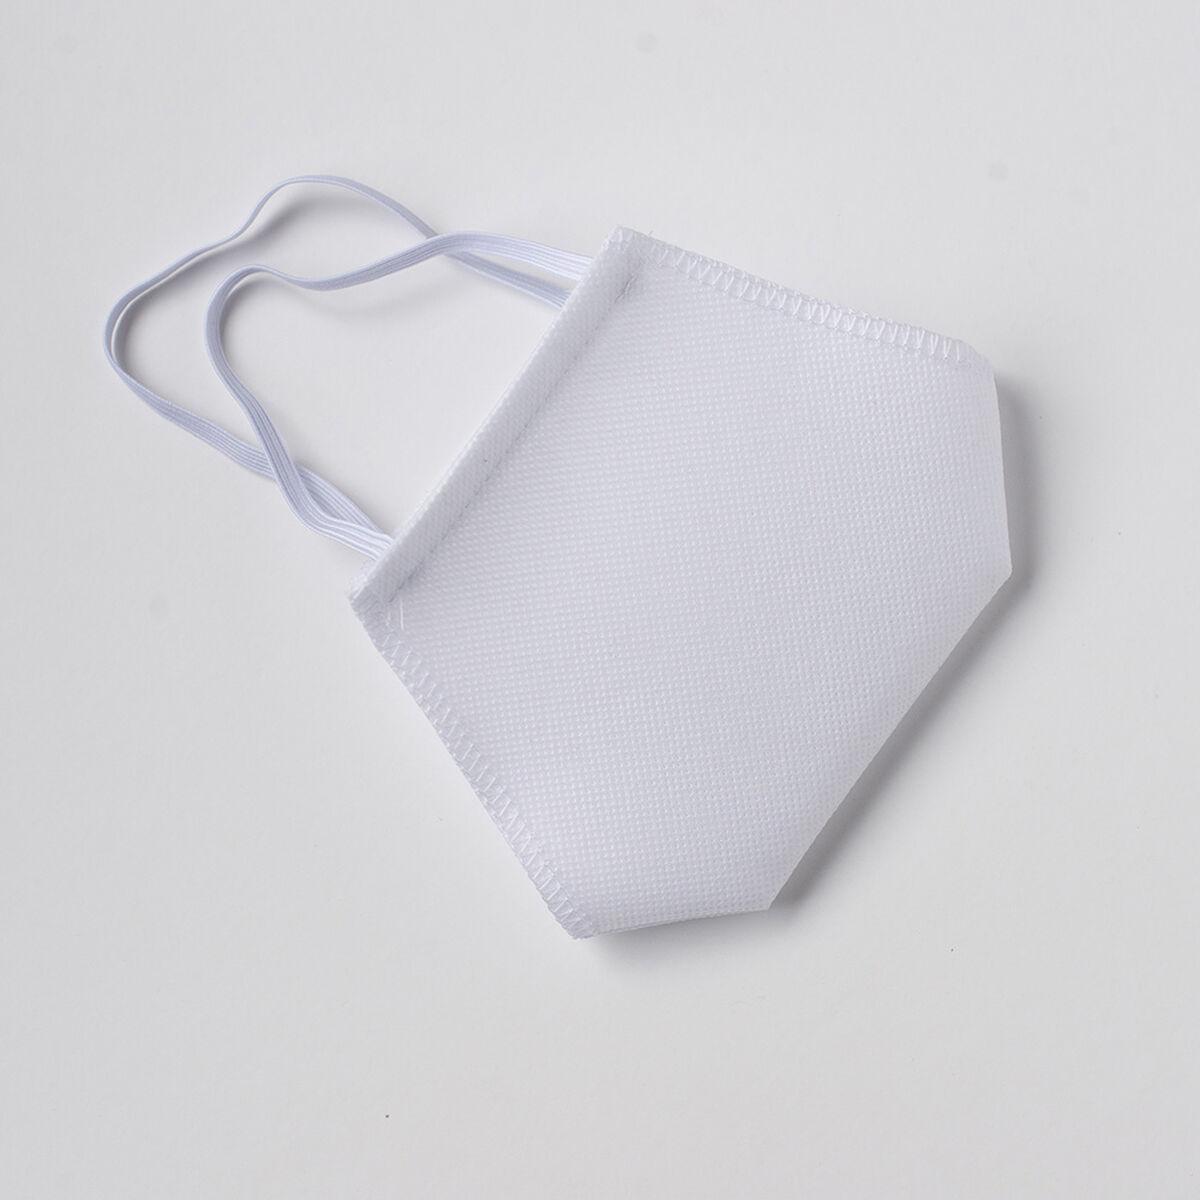 Pack 6 Mascarillas Doble Tela Reutilizables